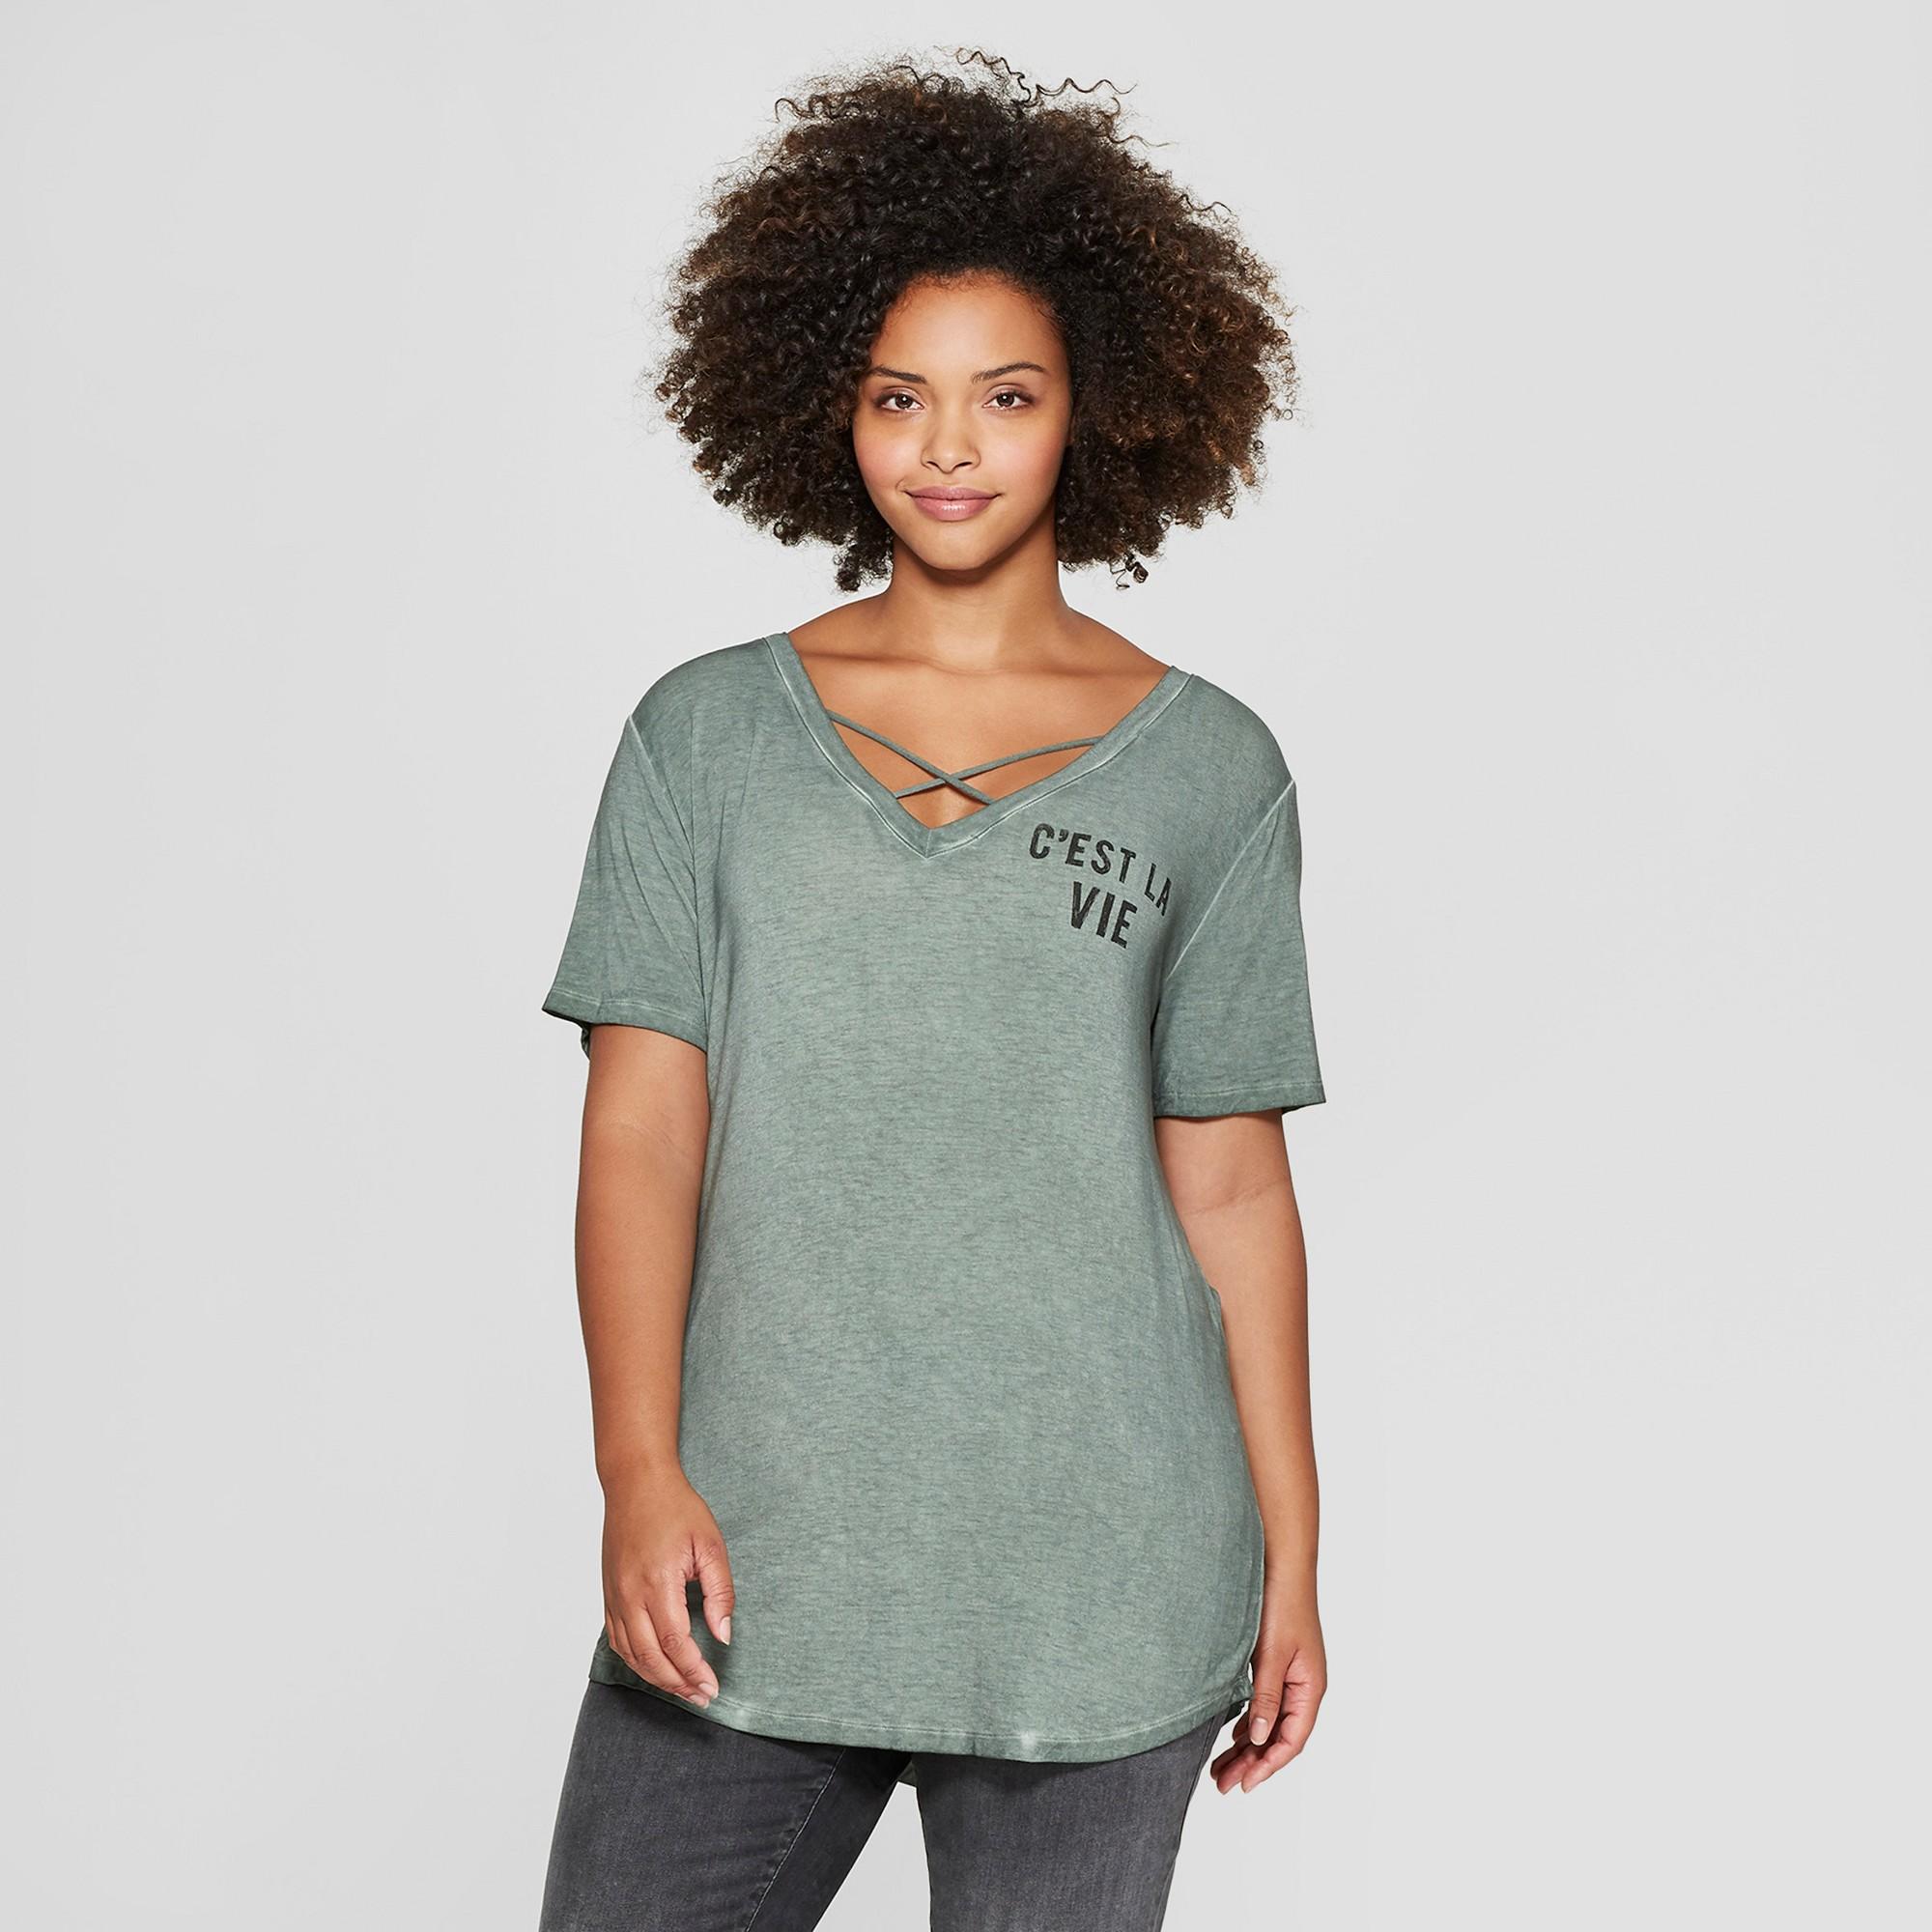 7c22708b8 Women's Plus Size Short Sleeve C'est La Vie Criss Cross Graphic T-Shirt -  Zoe+Liv (Juniors') Green 1X